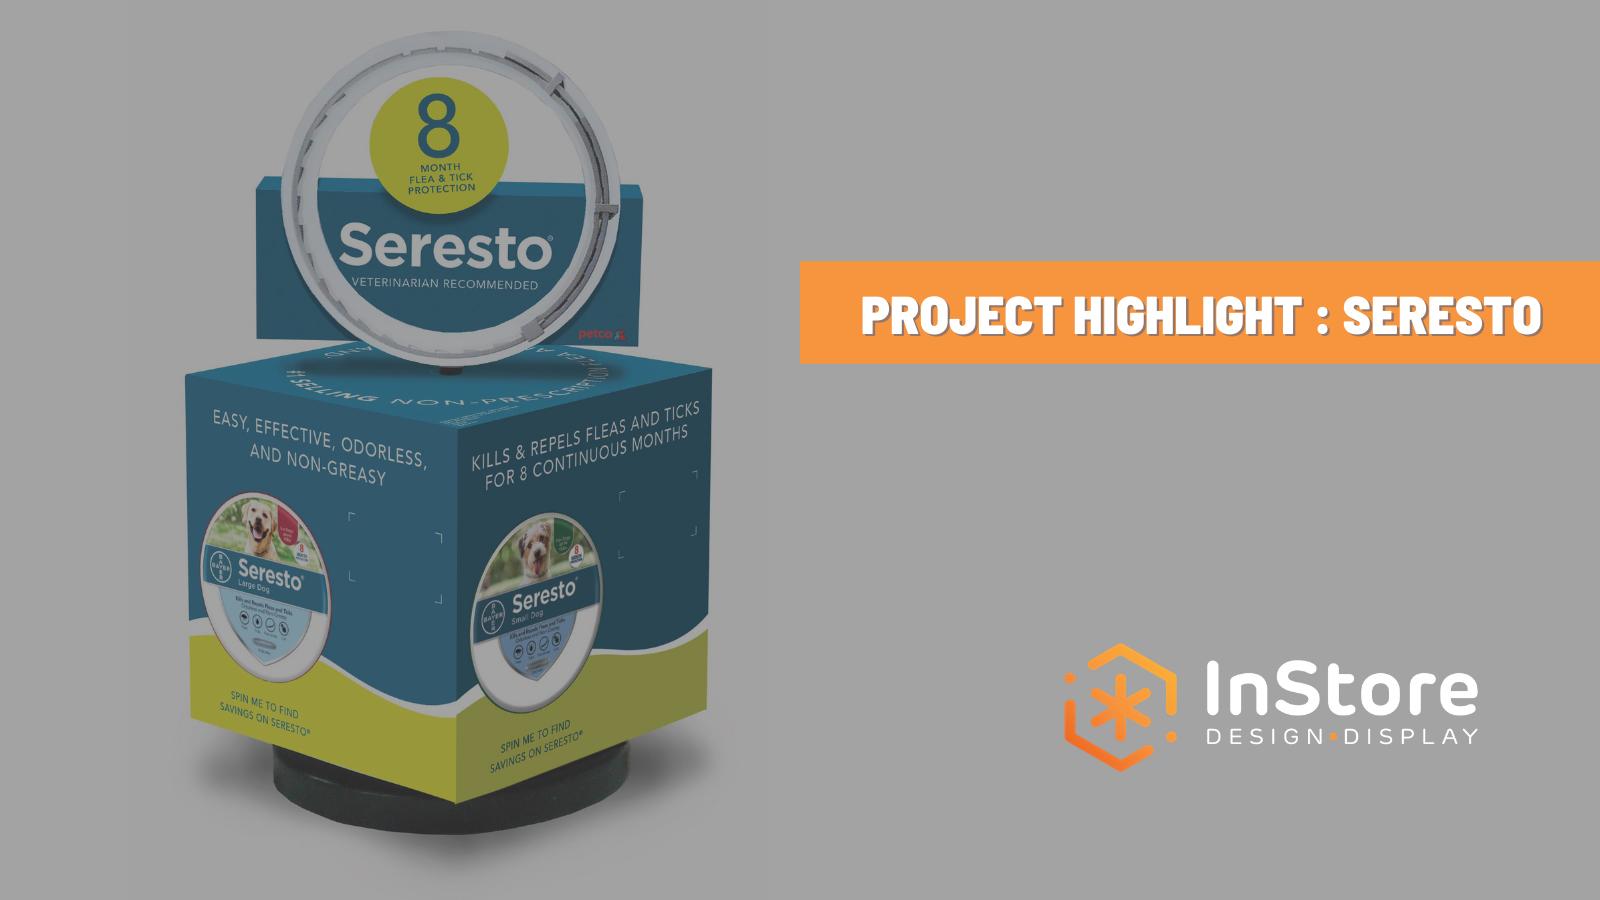 Project Spotlight: Seresto's Register Display